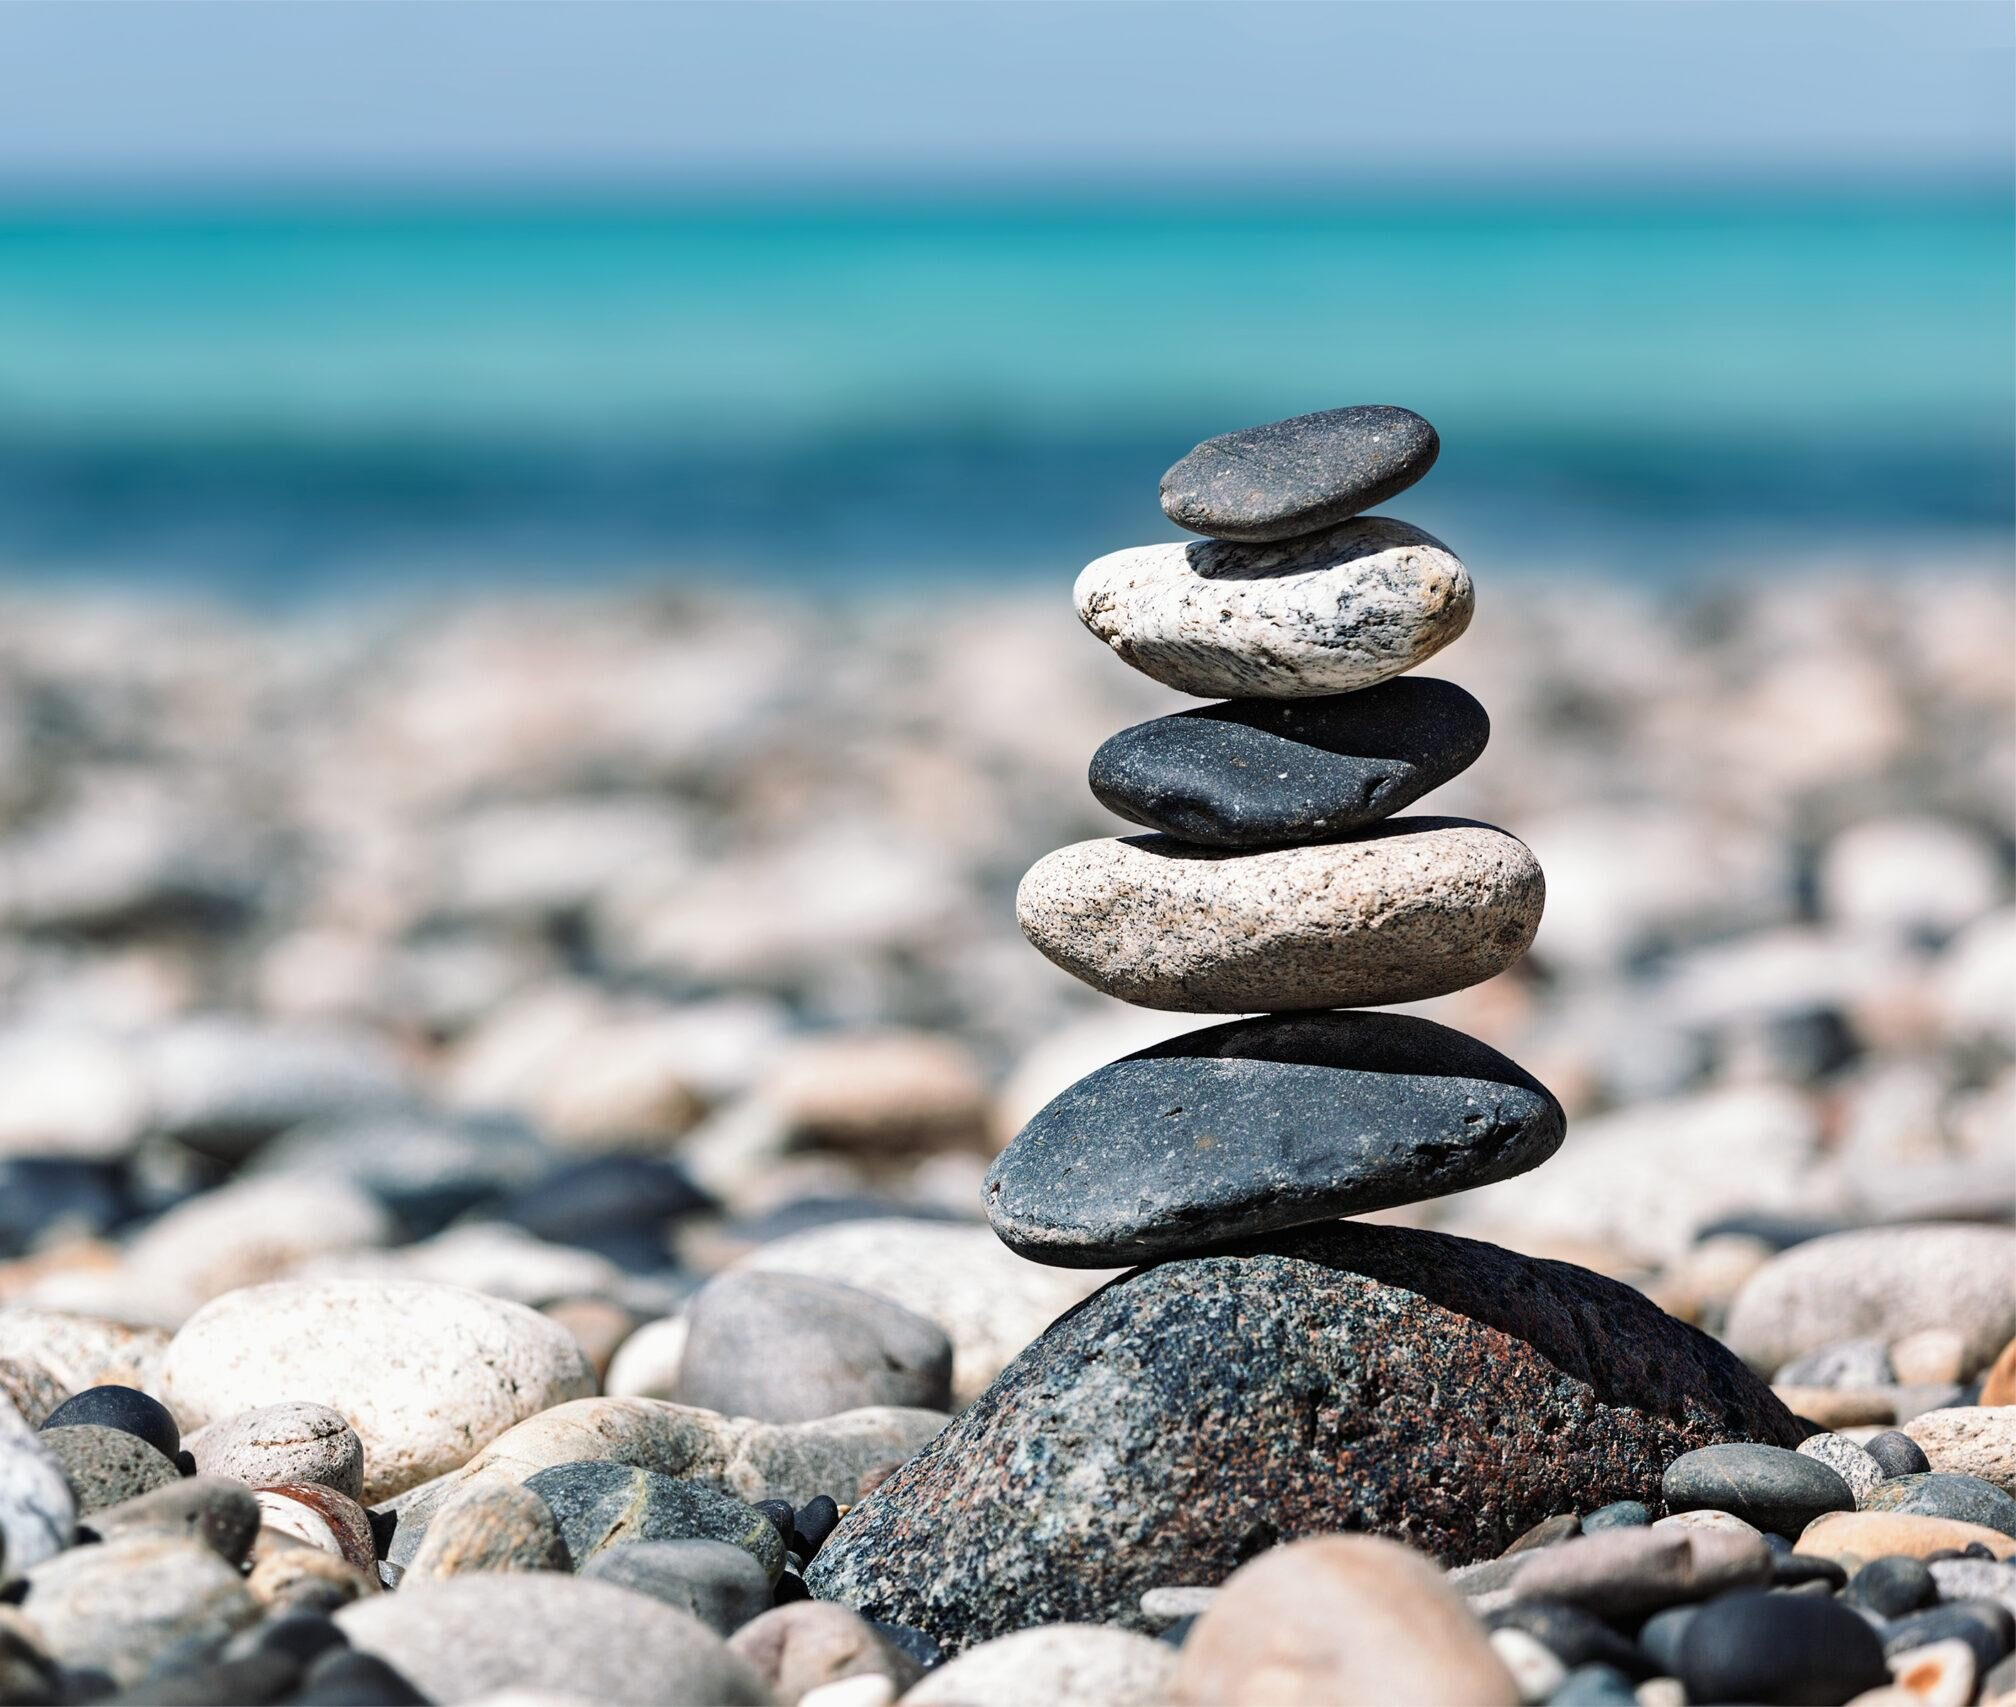 Ostajati v notranjem ravnovesju